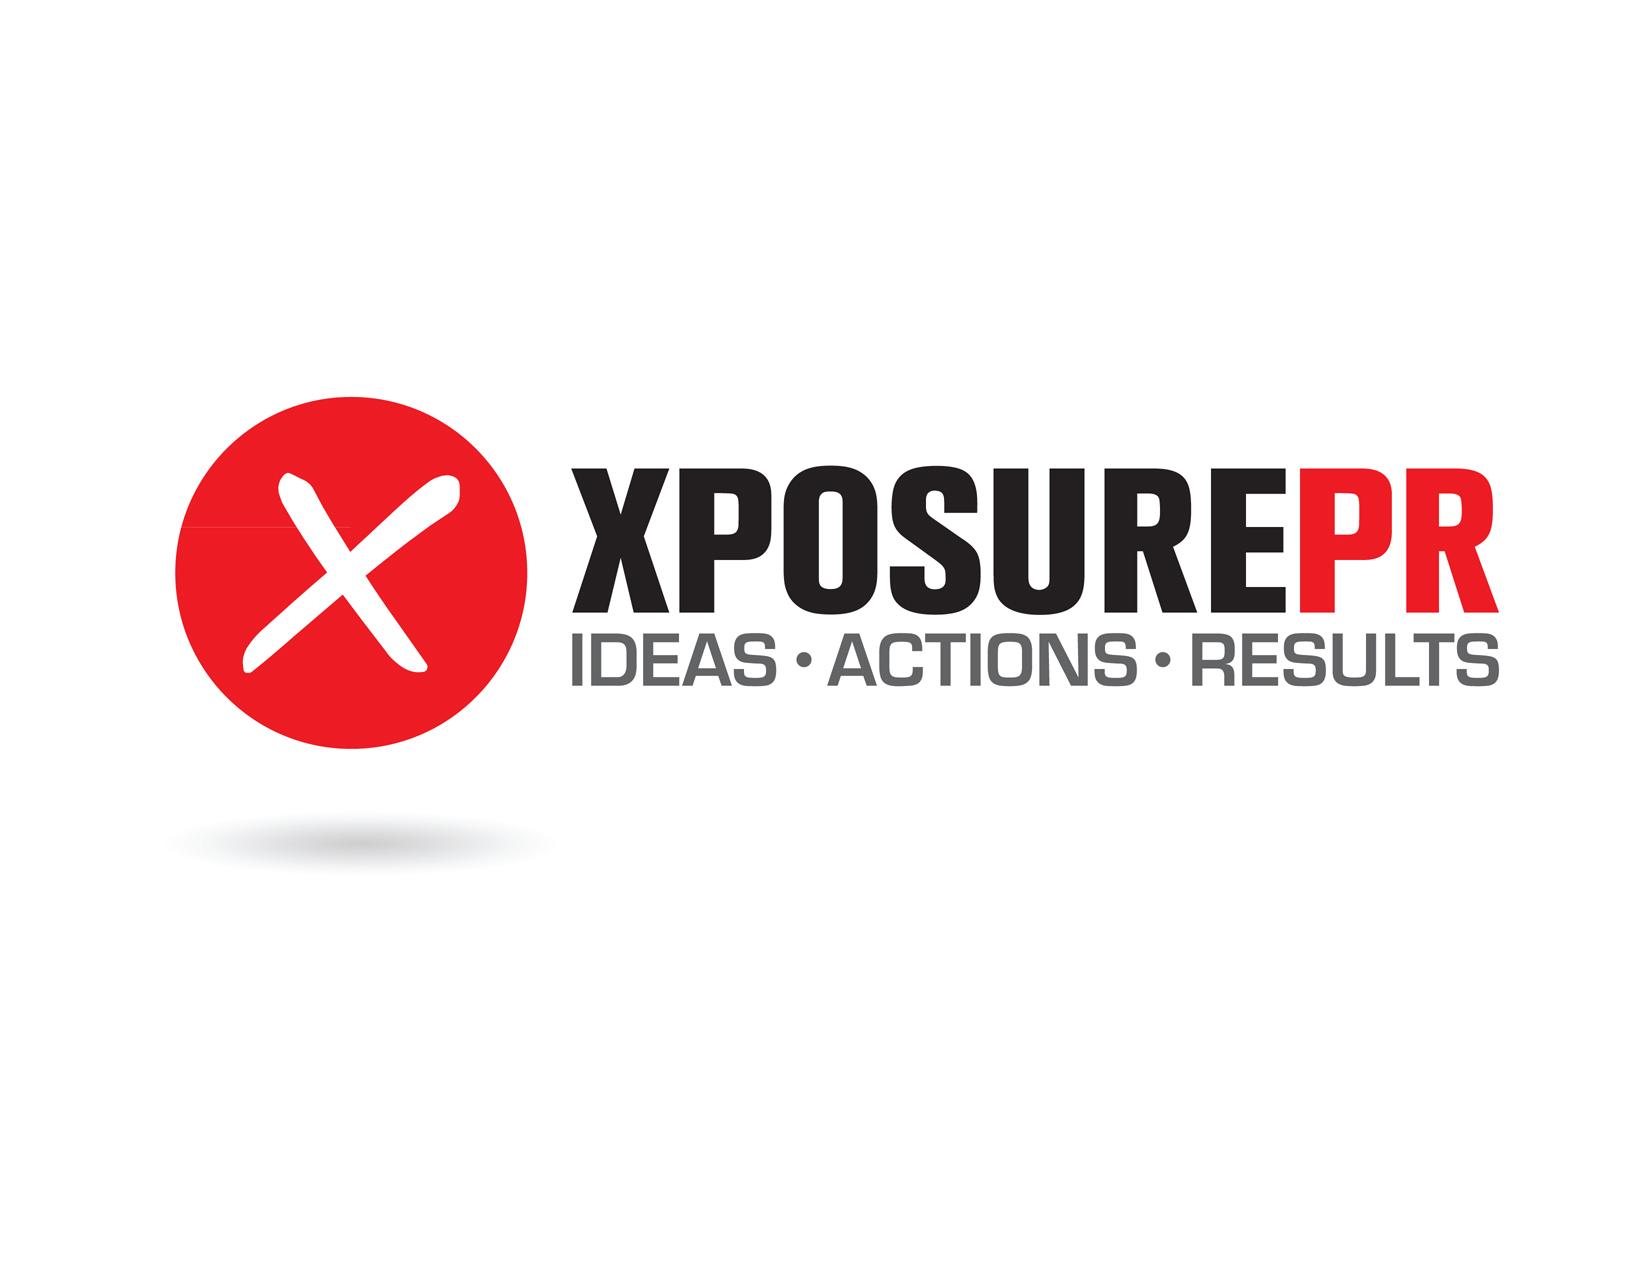 Portfolio image for Xposure Pr